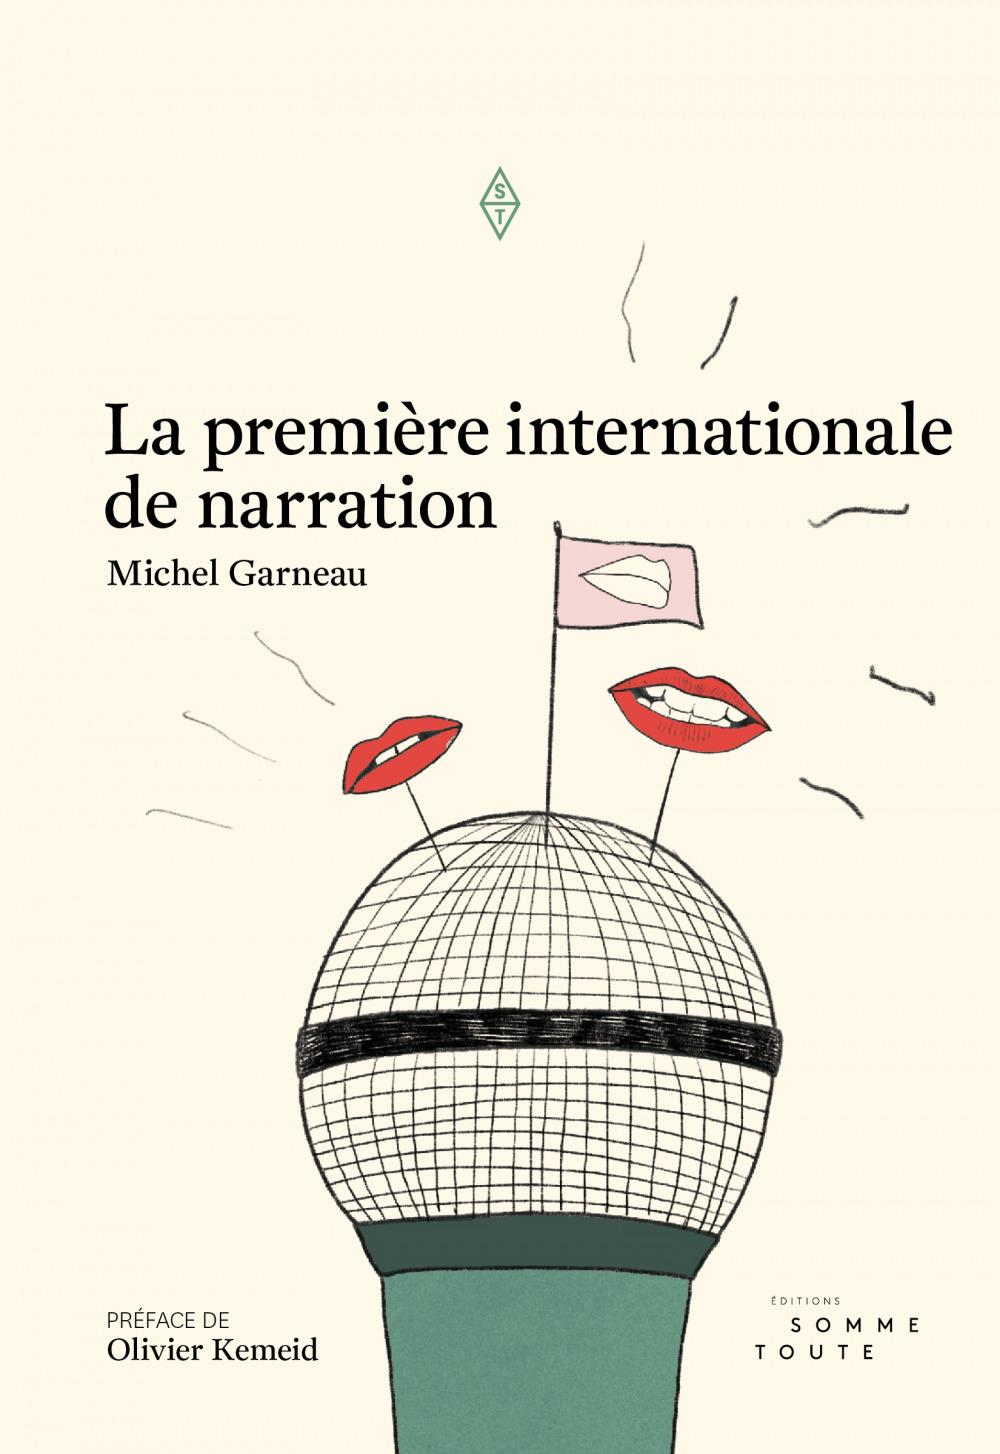 La première internationale de narration